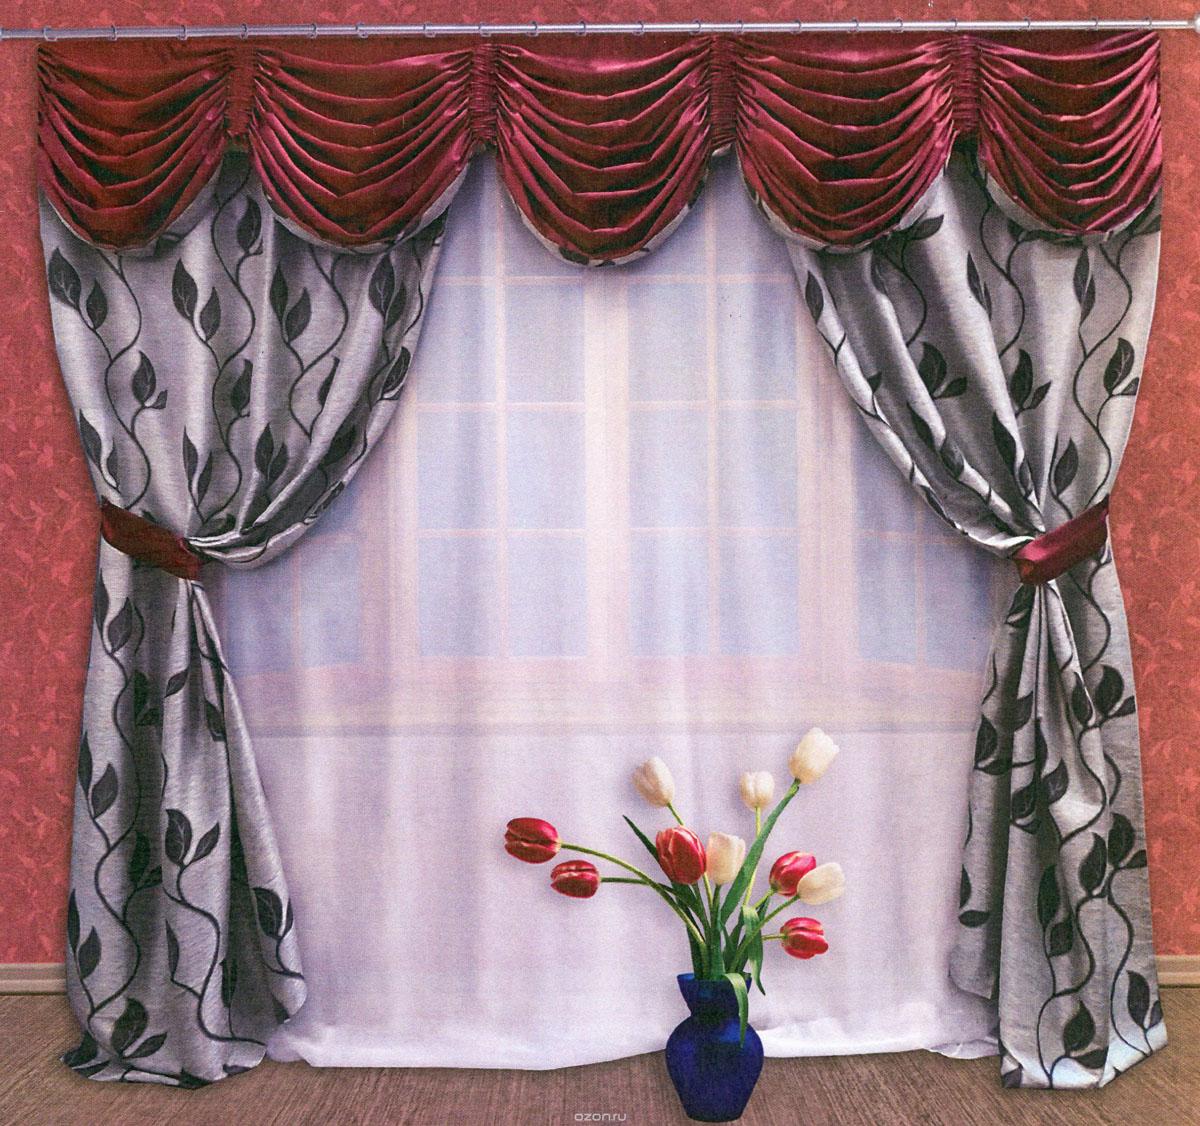 Комплект штор Zlata Korunka, на ленте, цвет: серый, бордовый, высота 250 см. 55508S03301004Роскошный комплект штор Zlata Korunka, выполненный из ткани сатин санрайз и шанзализе (100% полиэстера), великолепно украсит любое окно. Комплект состоит из двух портьер, ламбрекена и двух подхватов. Плотная ткань, изображение листьев и приятная, приглушенная гамма привлекут к себе внимание и органично впишутся в интерьер помещения. Комплект крепится на карниз при помощи шторной ленты, которая поможет красиво и равномерно задрапировать верх. Портьеры можно зафиксировать в одном положении с помощью двух подхватов. Этот комплект будет долгое время радовать вас и вашу семью! В комплект входит: Портьера: 2 шт. Размер (ШхВ): 145 см х 250 см. Ламбрекен: 1 шт. Размер (ШхВ): 300 см х 50 см.Подхват: 2 шт. Размер (ШхВ): 60 см х 10 см.